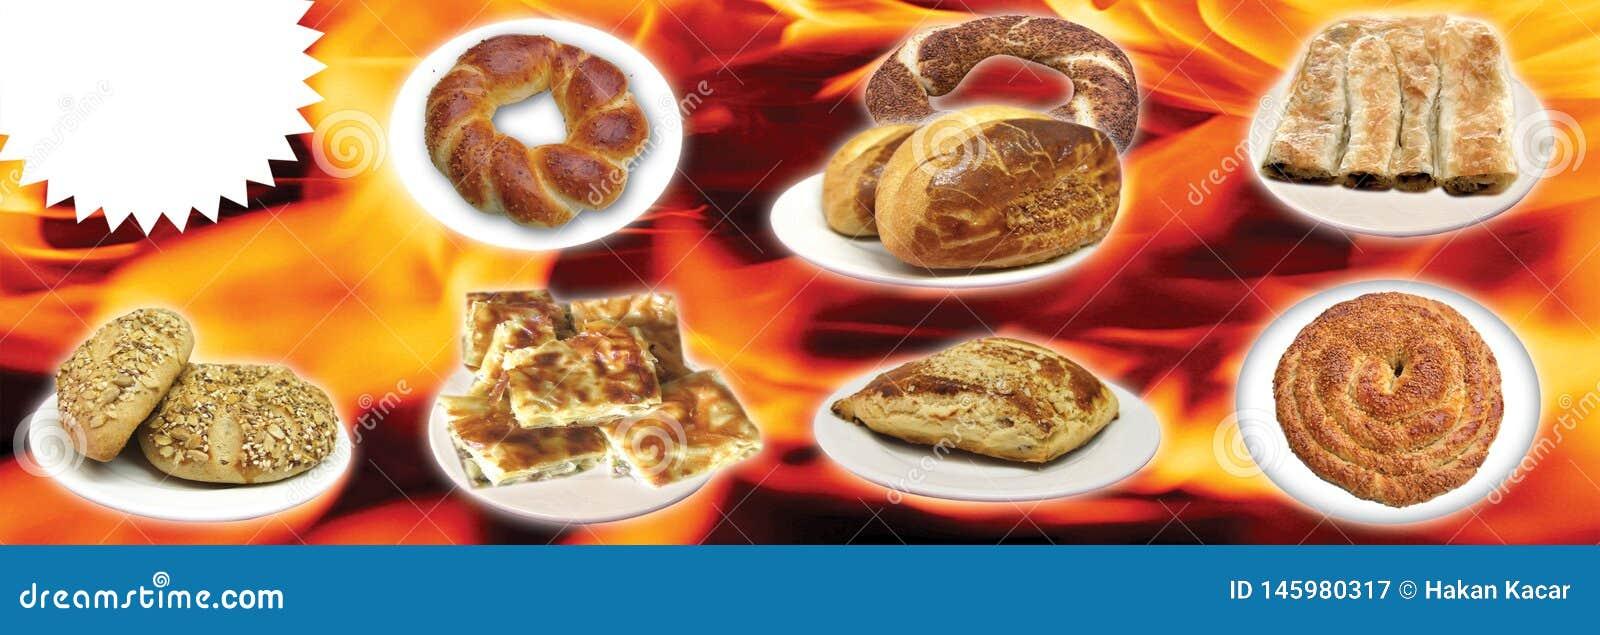 Türkische Nahrungsmittel, die Türkischen sprechen: tà ¼ rk yemekleri, doner,